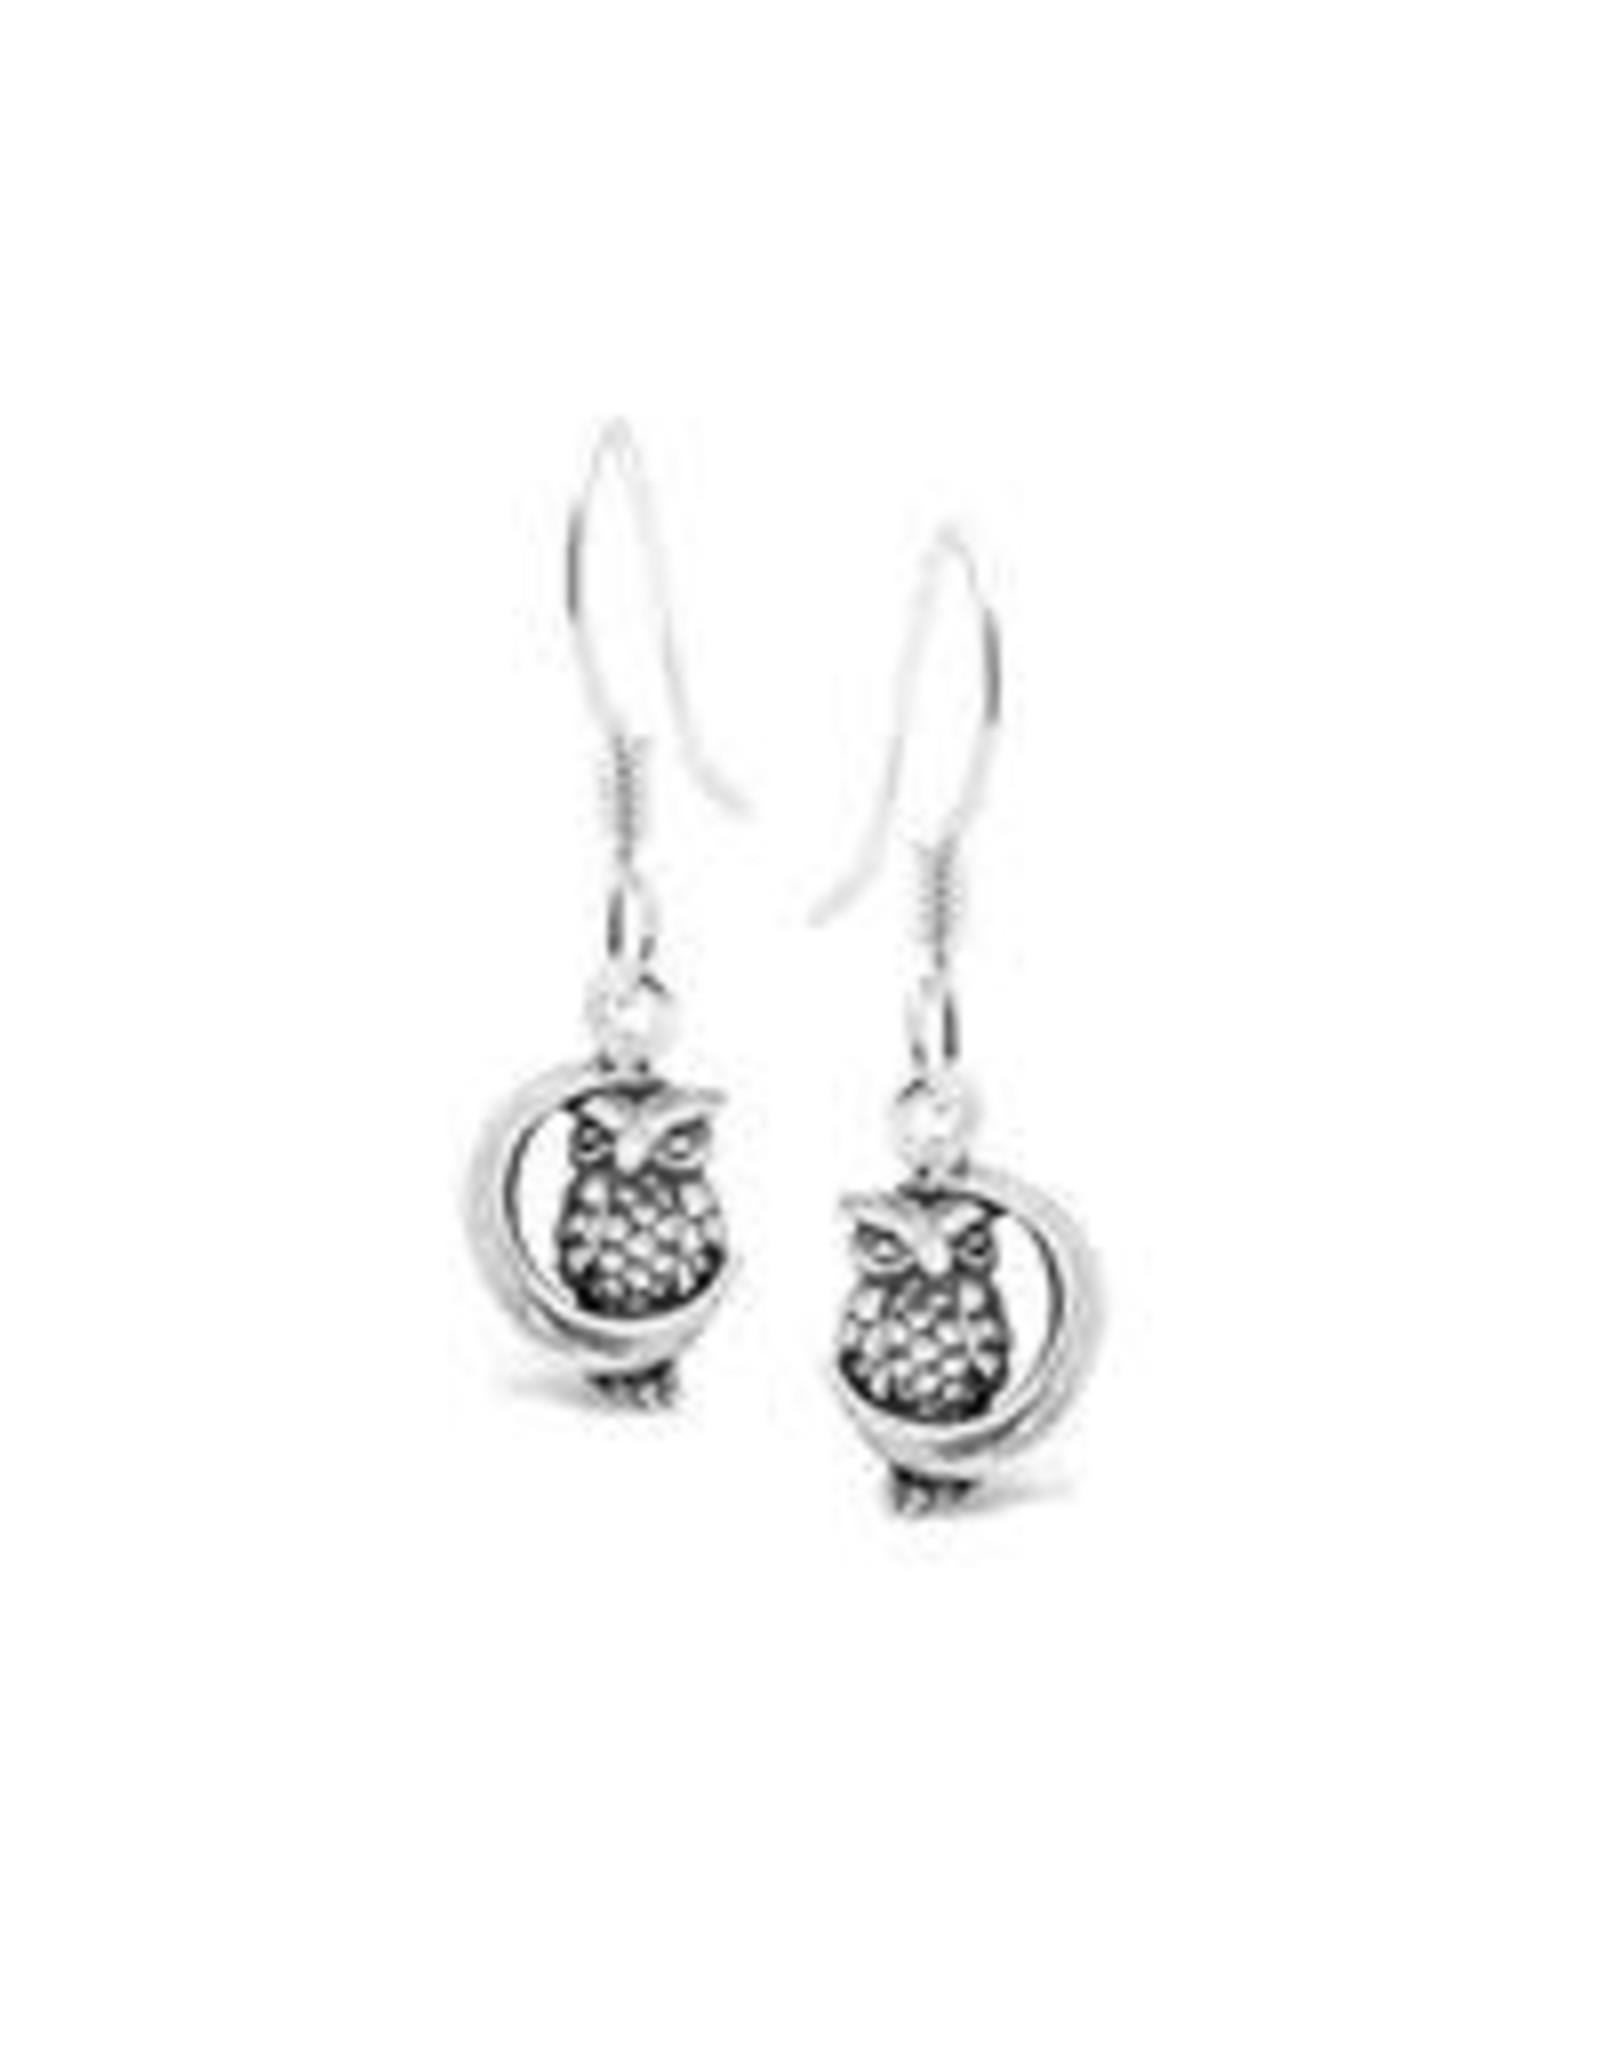 Stones & Silver Owl & Moon Earrings